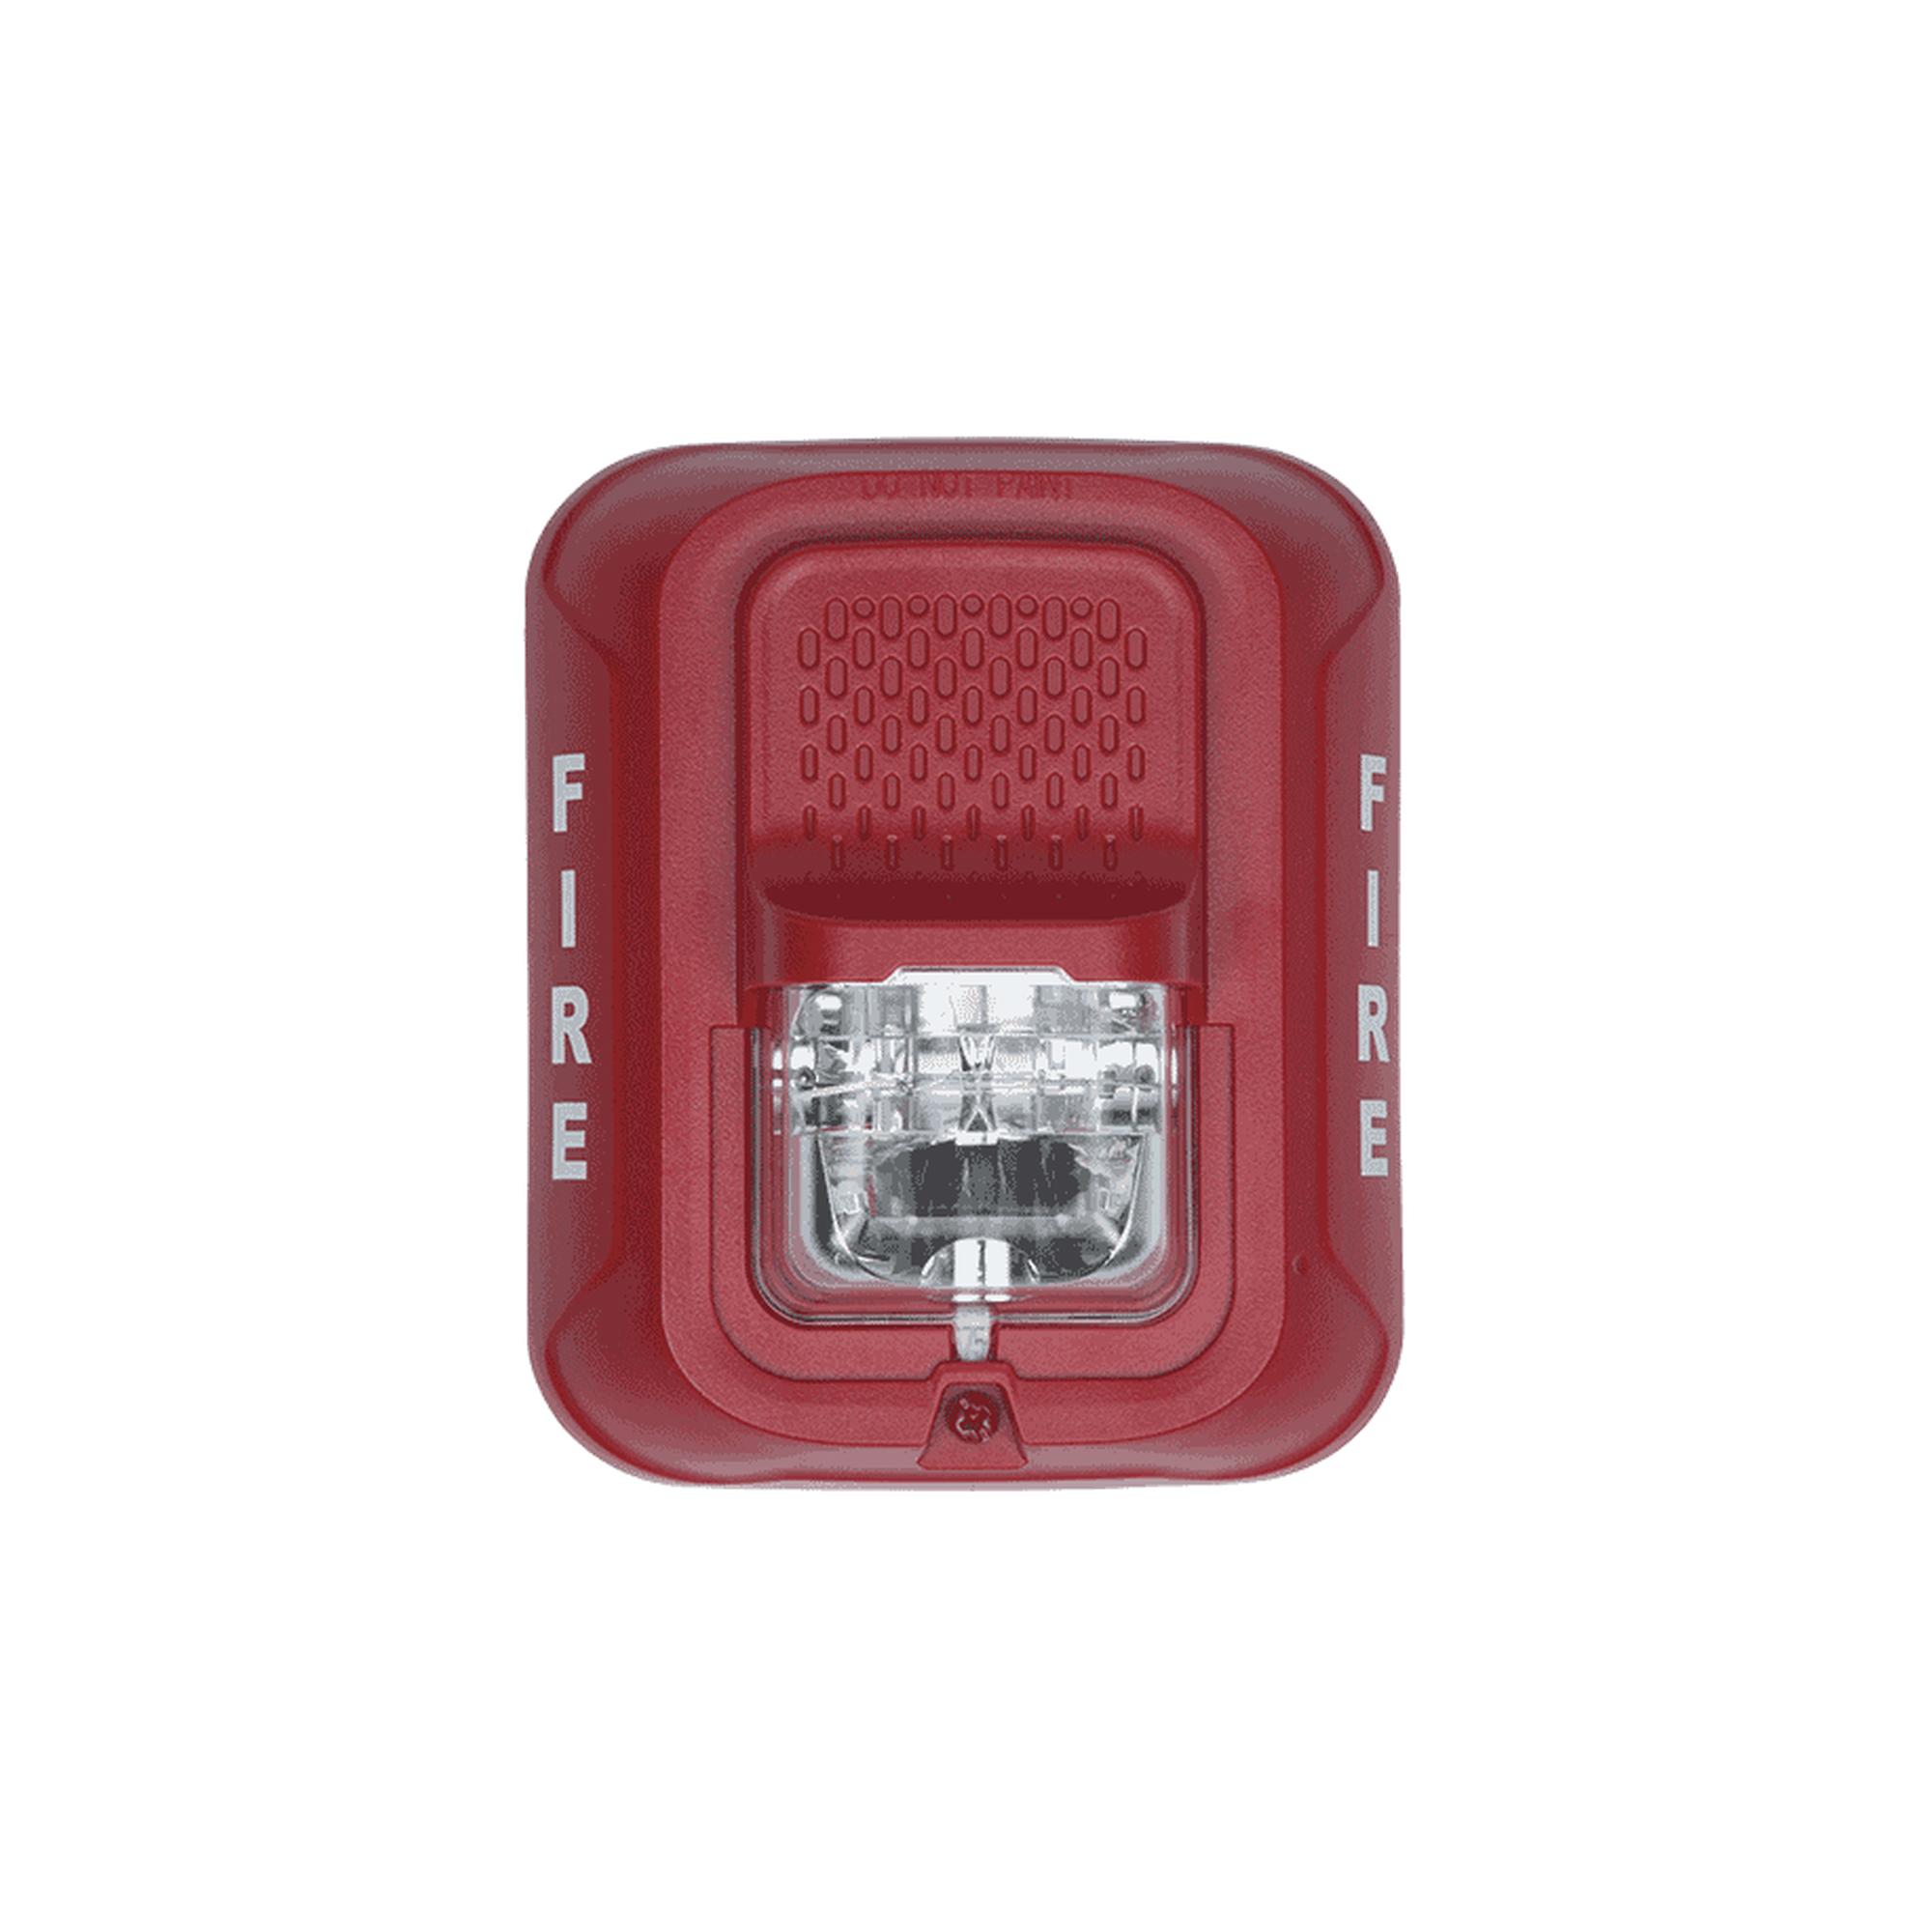 Lámpara Estroboscópica para Montaje en Pared, Color Rojo, Nivel de Candelas Seleccionable, Nuevo Diseño Moderno y Elegante y Menor Consumo de Corriente